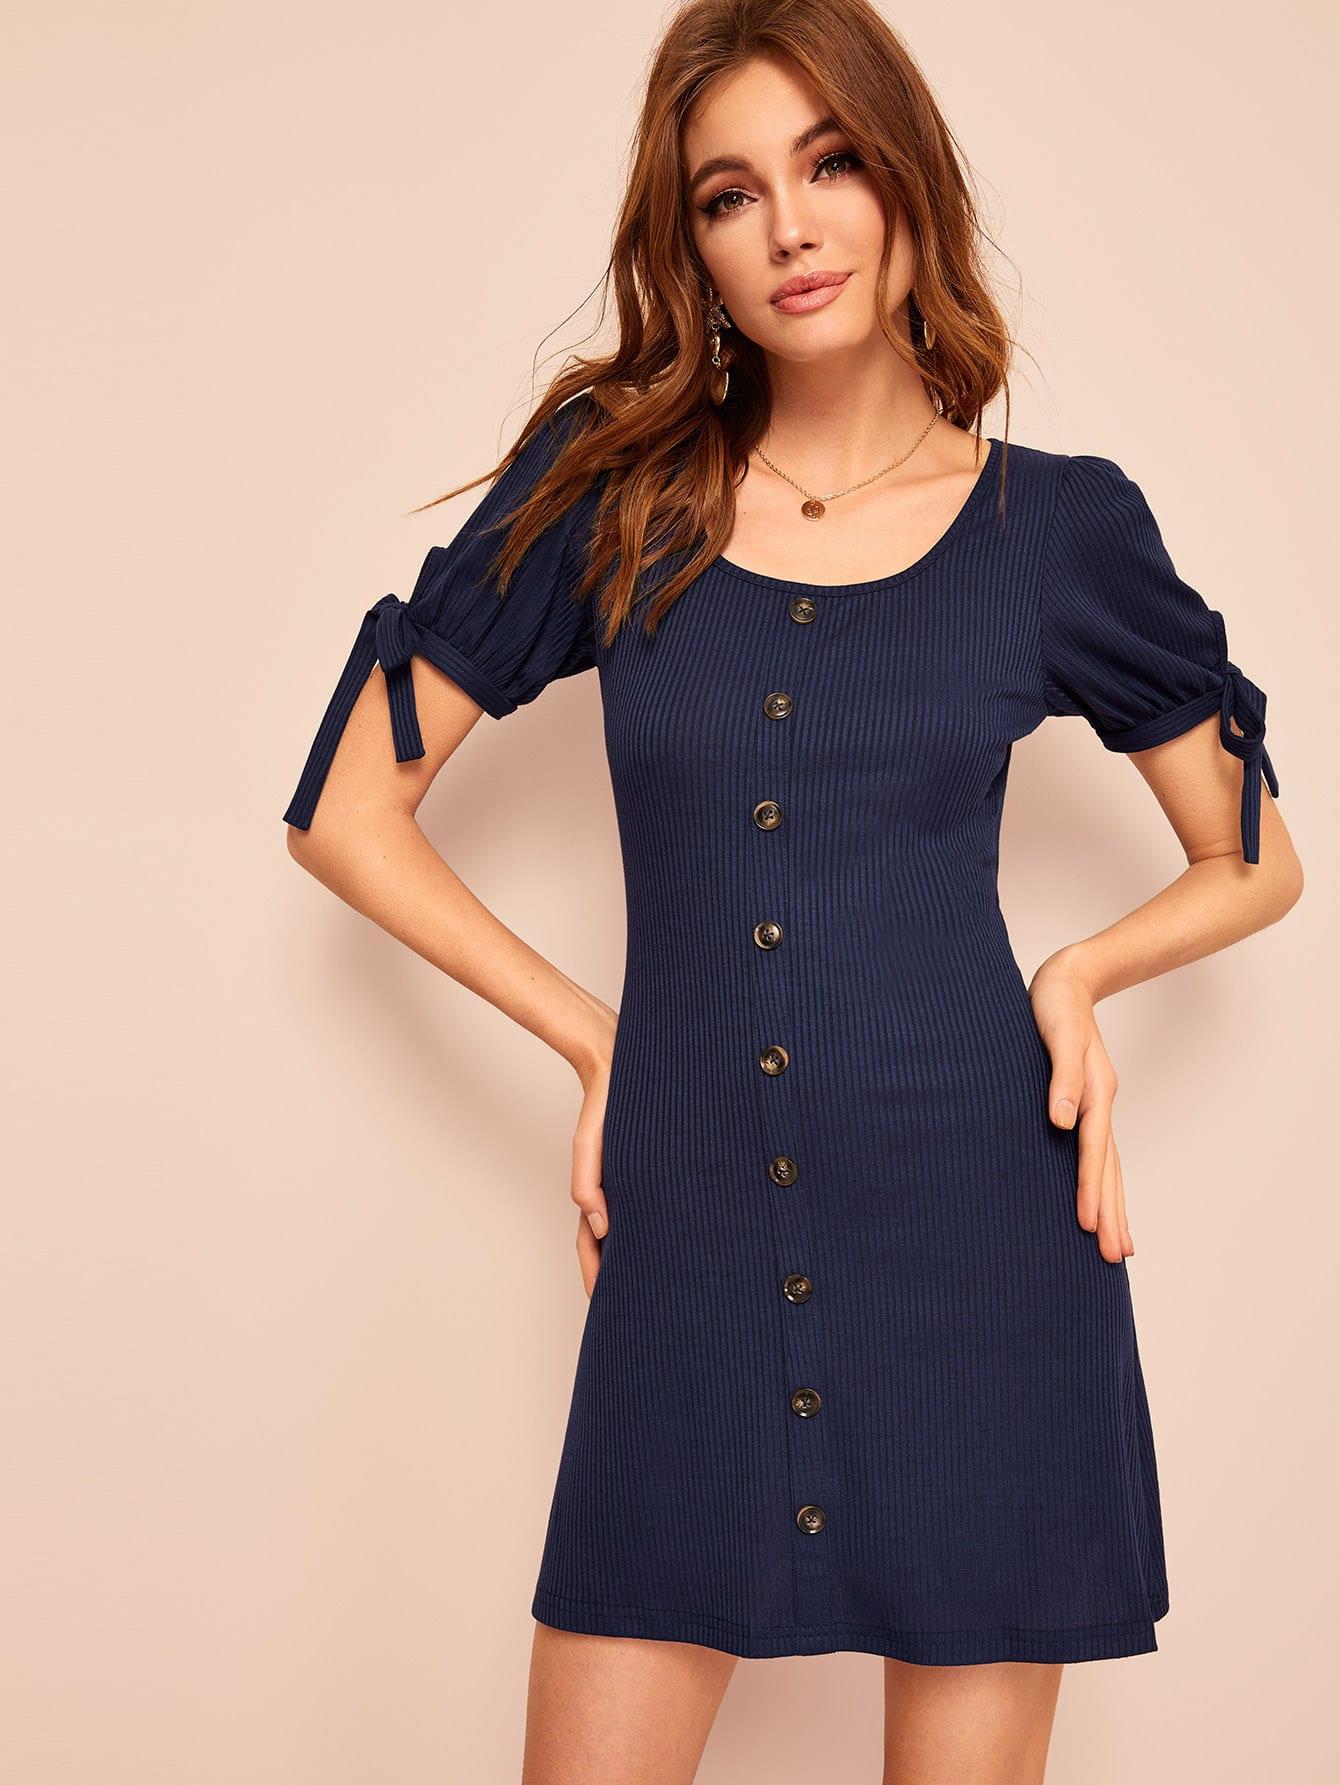 Ребристое платье с пуговицами и оригинальным рукавом и узелом